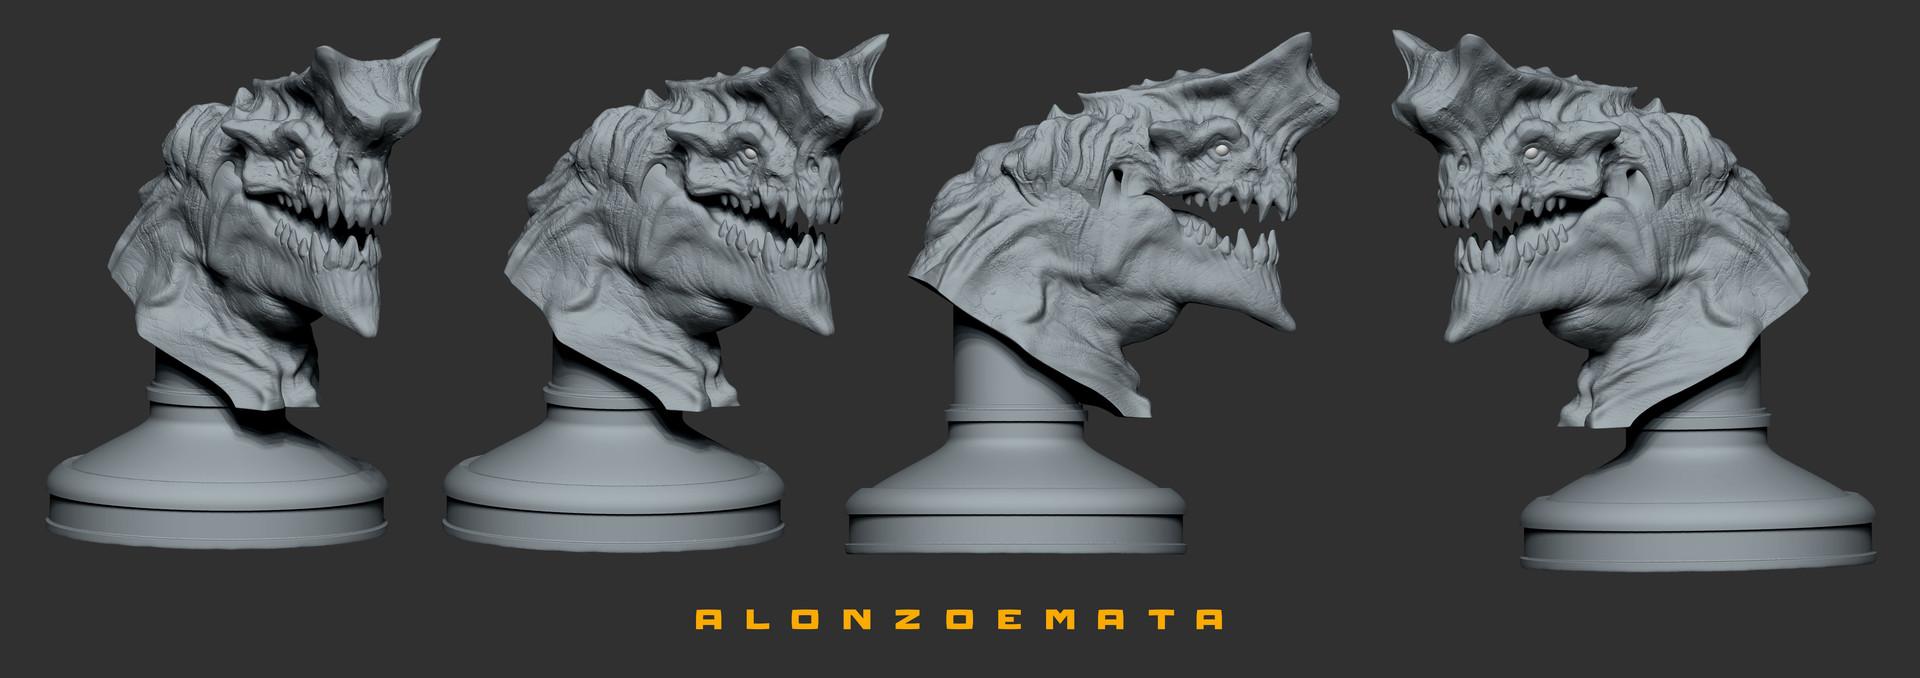 Alonzo emata 001